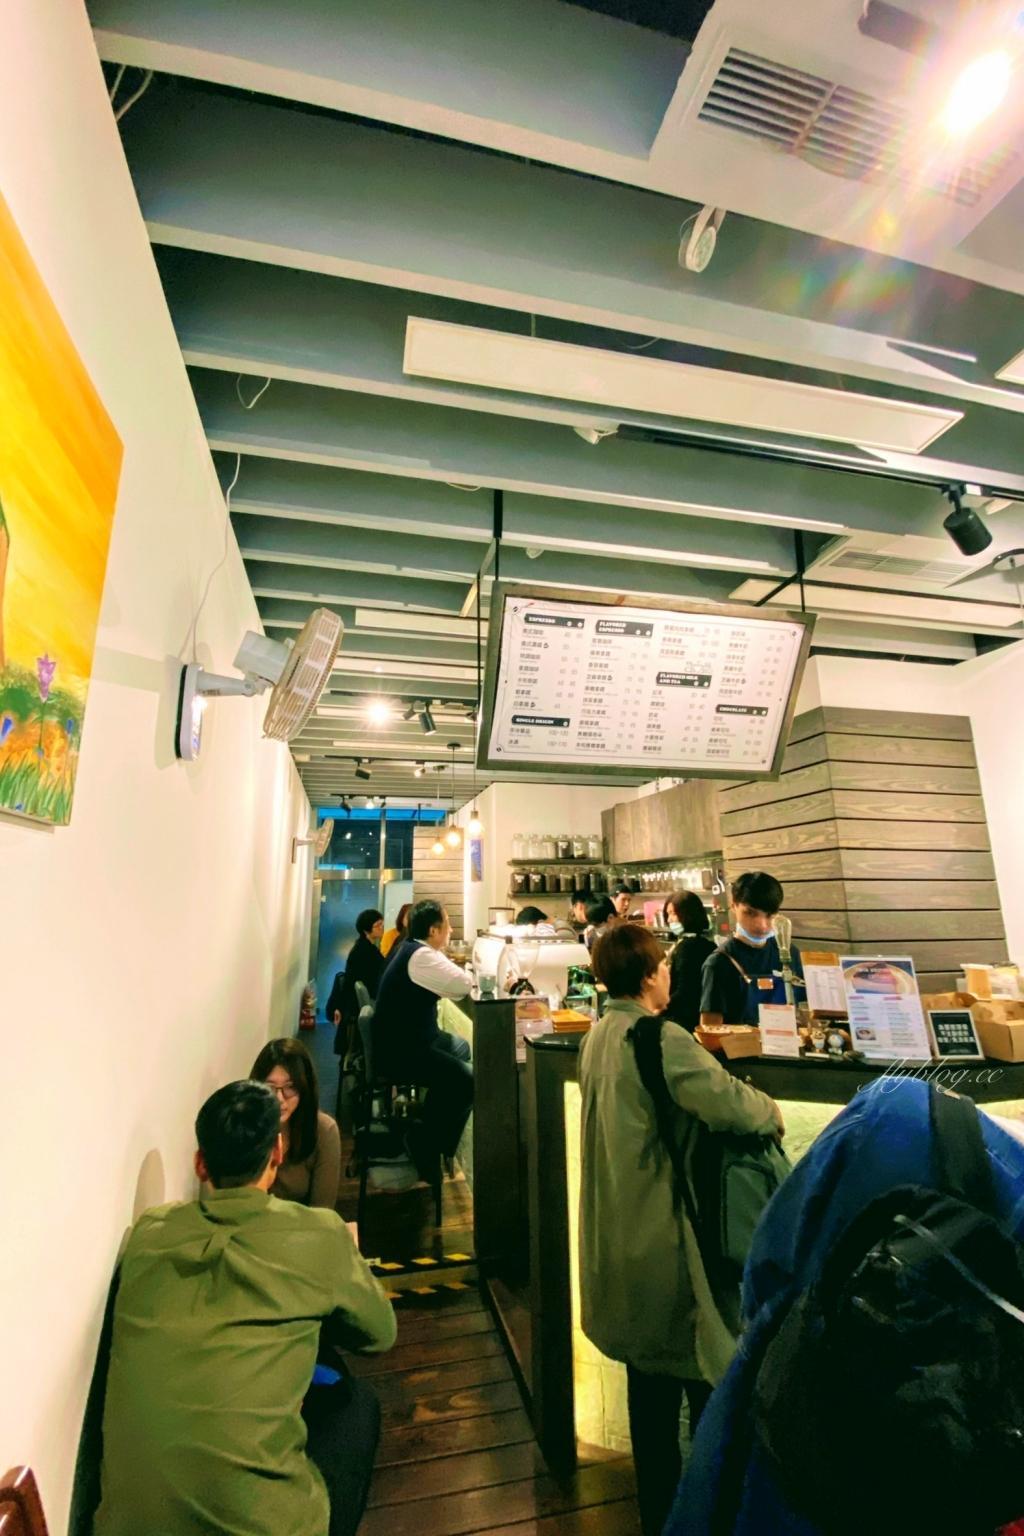 【台北大同】Twin Brothers Coffee:華陰街雙胞胎兄弟咖啡,超人氣的肉桂捲好吃!! @飛天璇的口袋